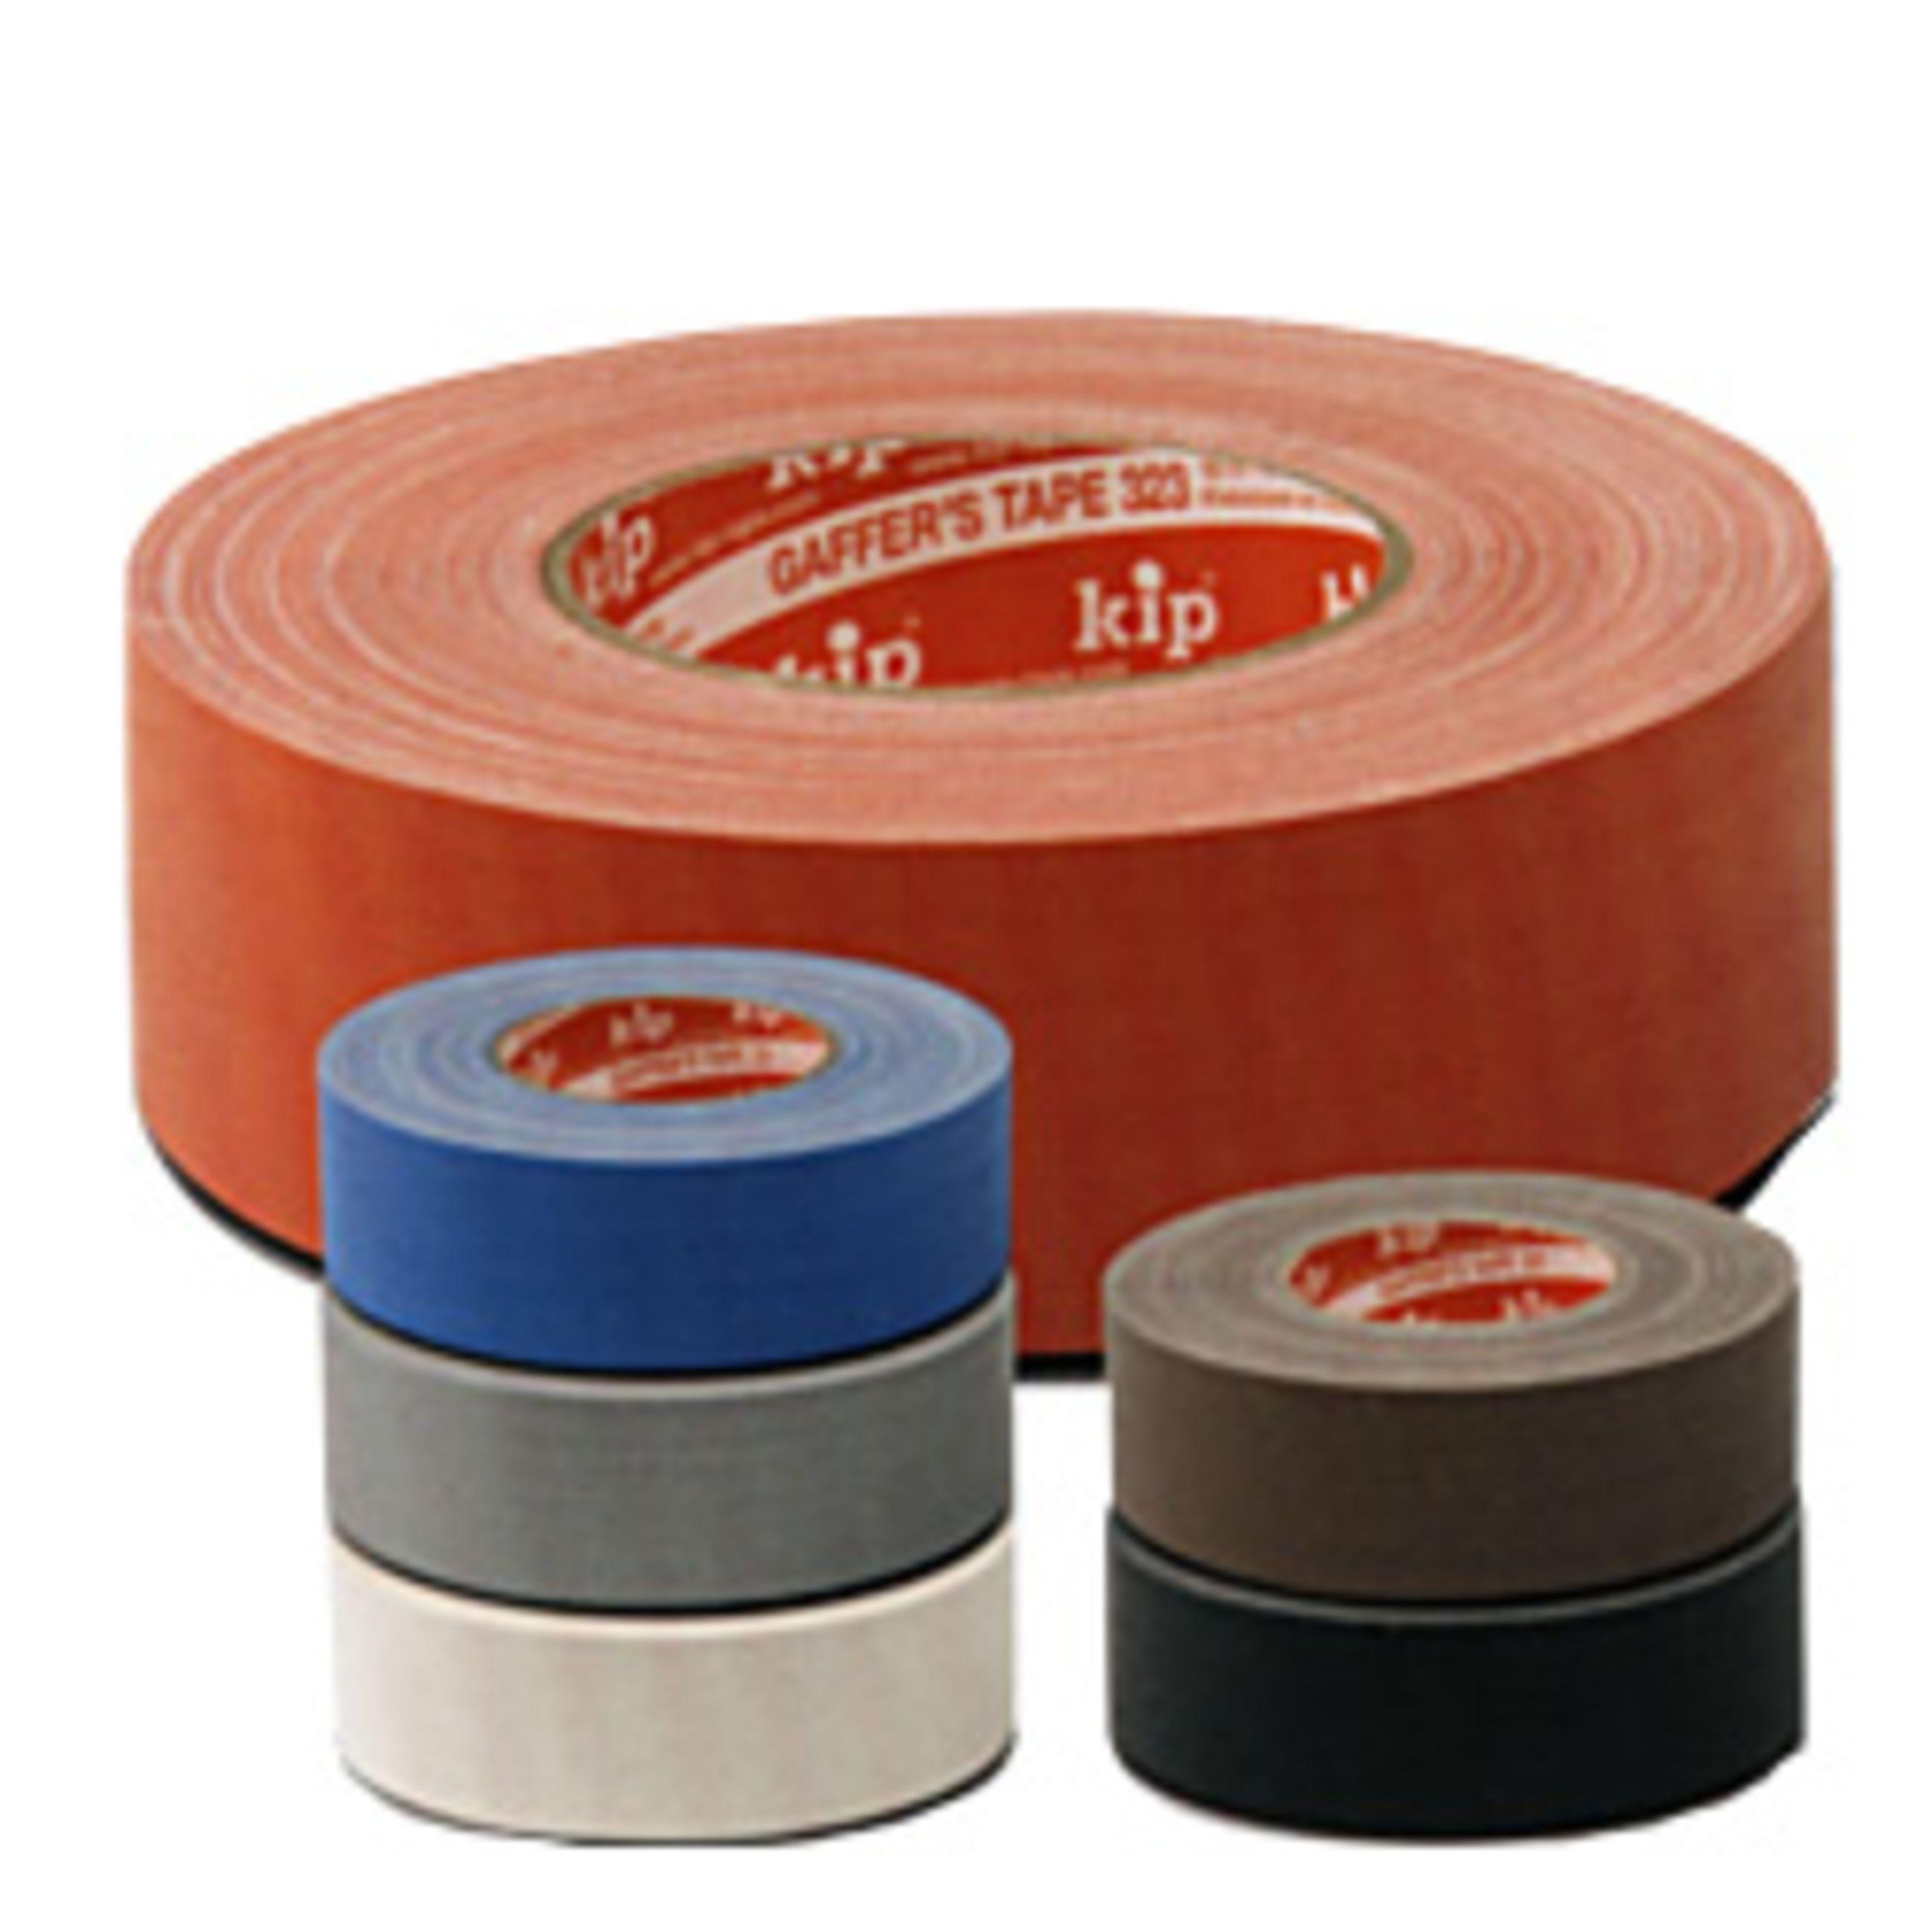 kip Klebebänder - 323 Gaffer's Tape weiß 323-55